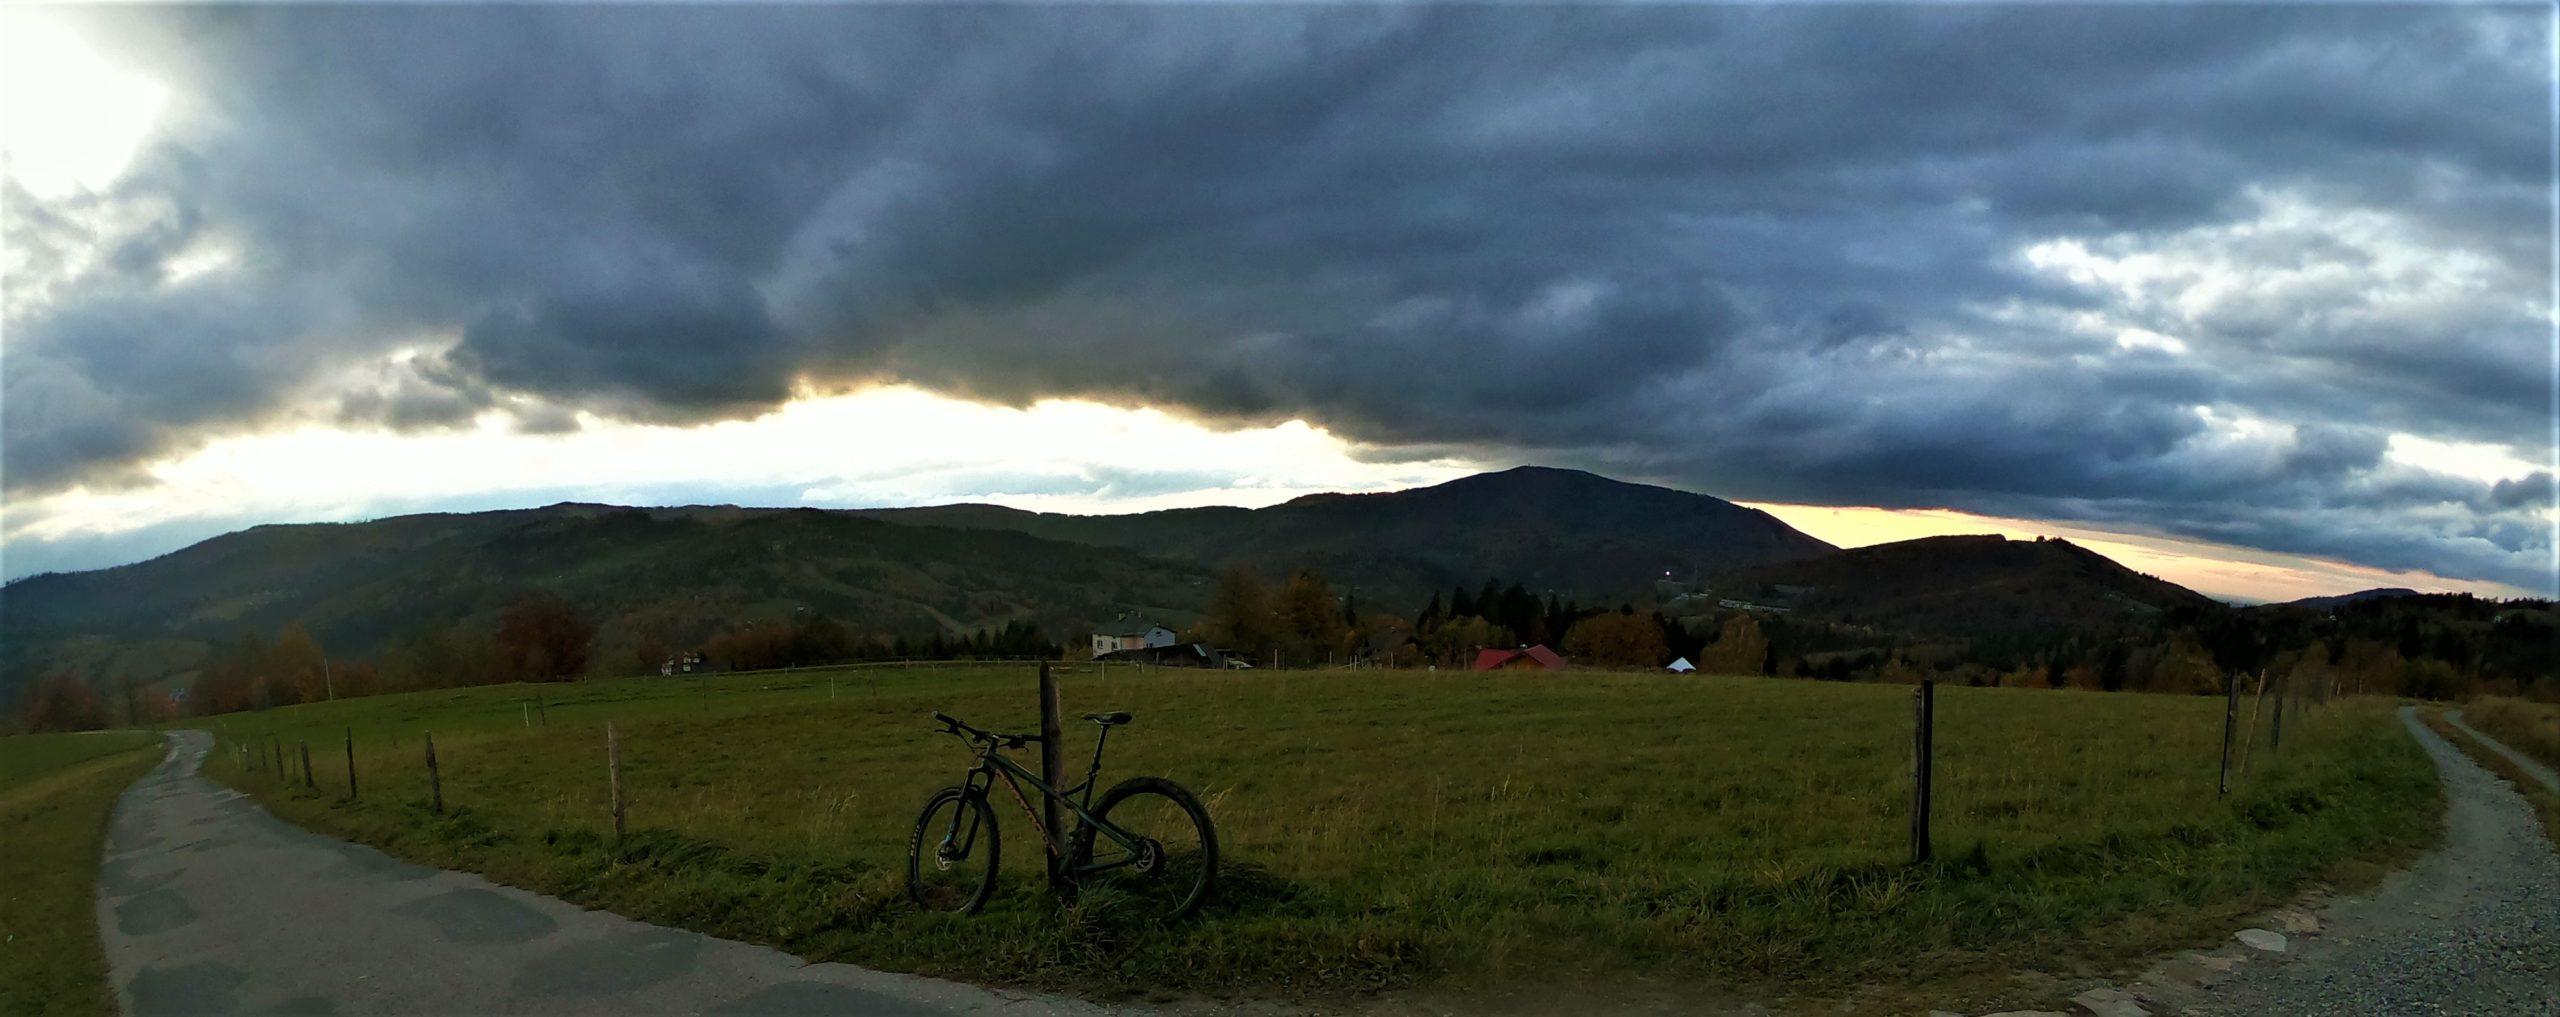 Żółty szlak poniżej kamiennego w drodze na Trzy Kopce Wiślańskie rowerem